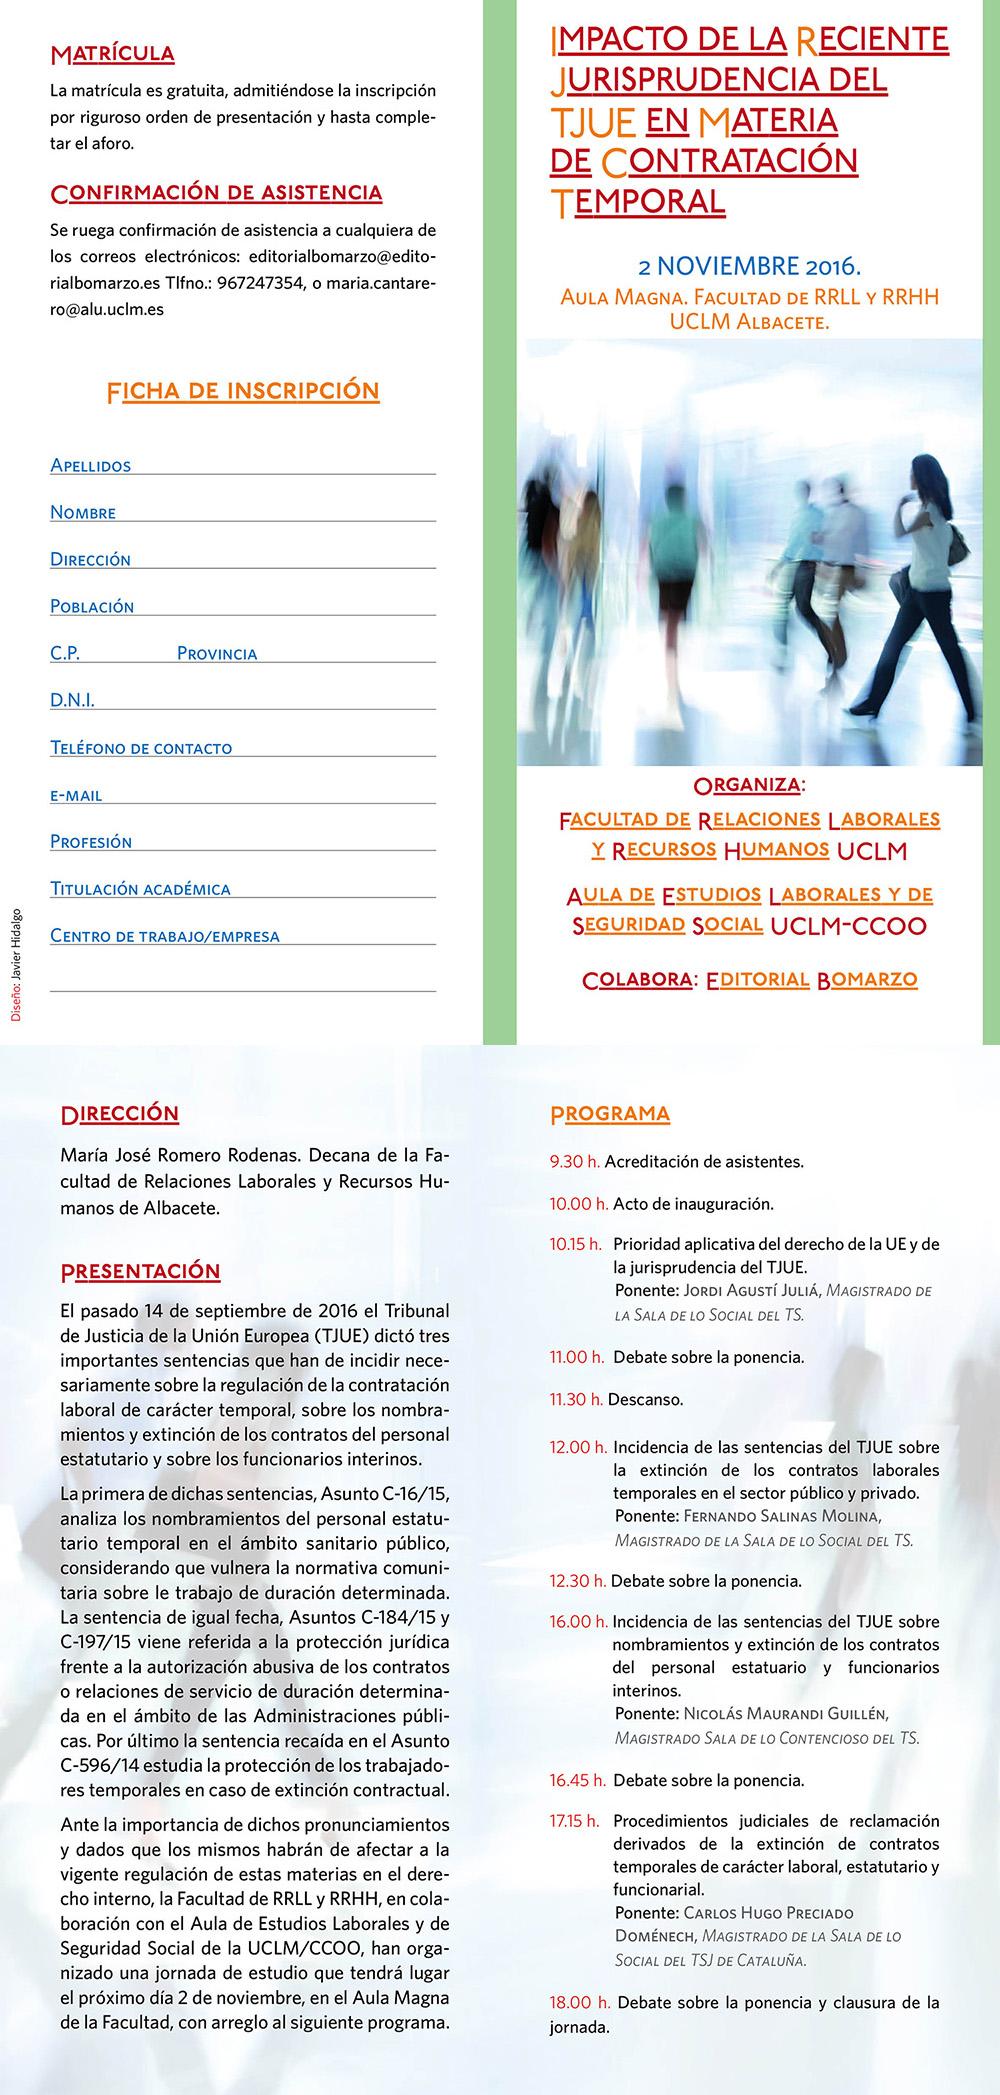 http://editorialbomarzo.es/wp-content/uploads/Jornada-Impacto-de-la-reciente-jurisprudencia-del-TJUE-en-materia-de-contratación-temporal